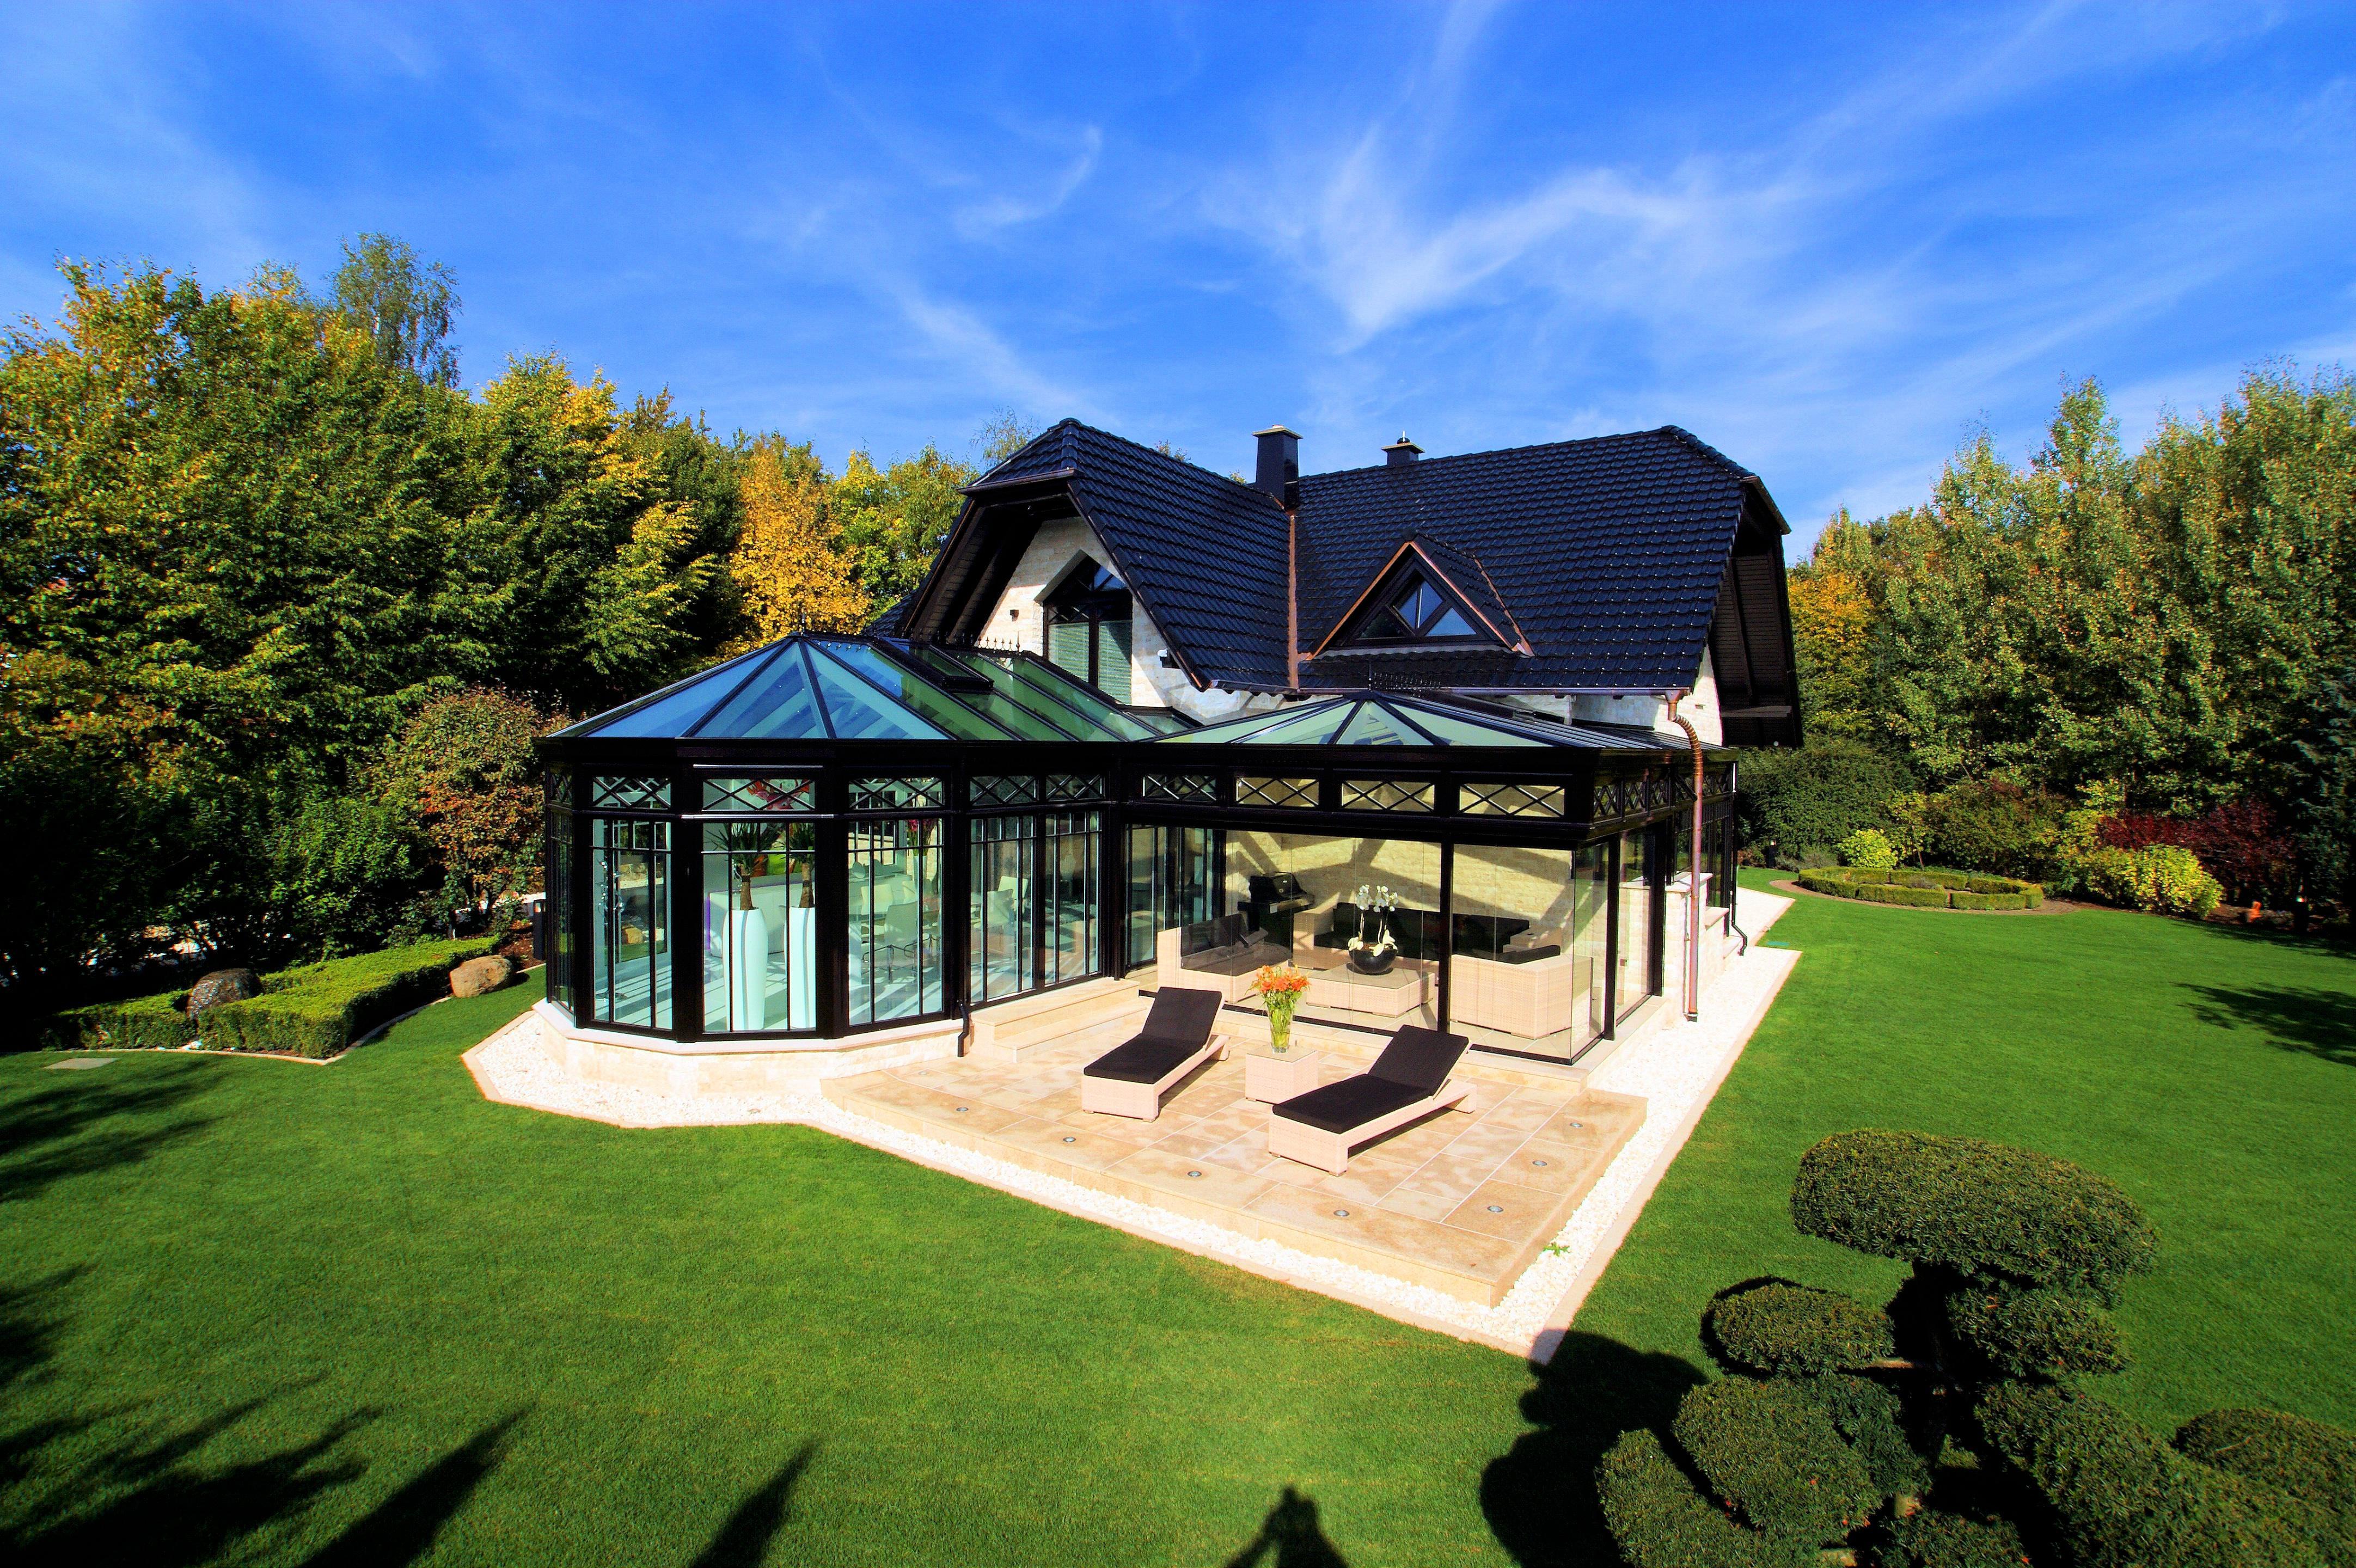 viktorianische winterg rten krenzer wintergarten. Black Bedroom Furniture Sets. Home Design Ideas